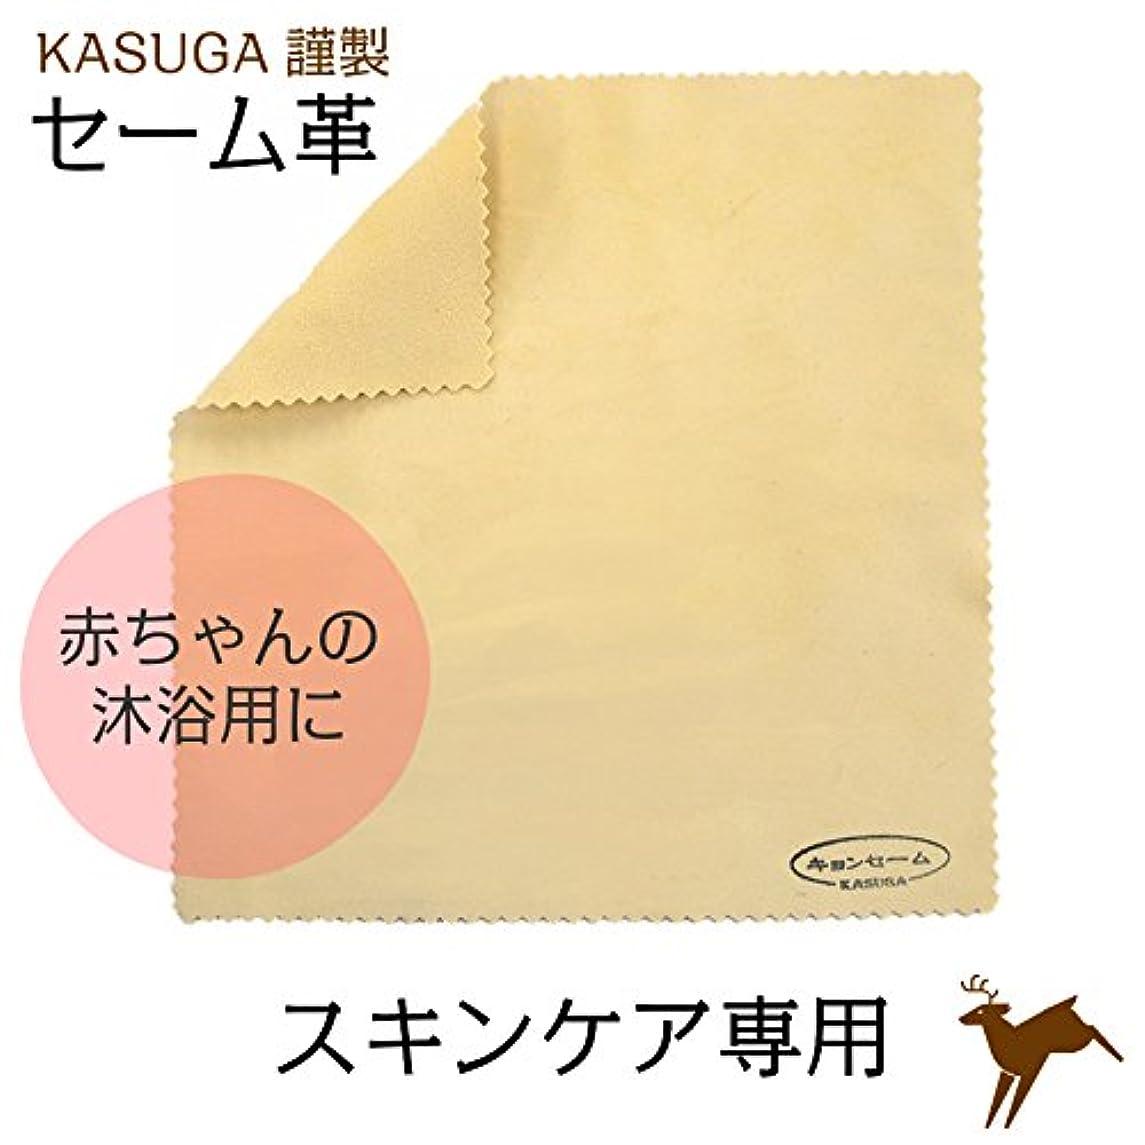 振り子実現可能聡明春日カスガ謹製 スキンケア専用キョンセーム革 20cm×20cm